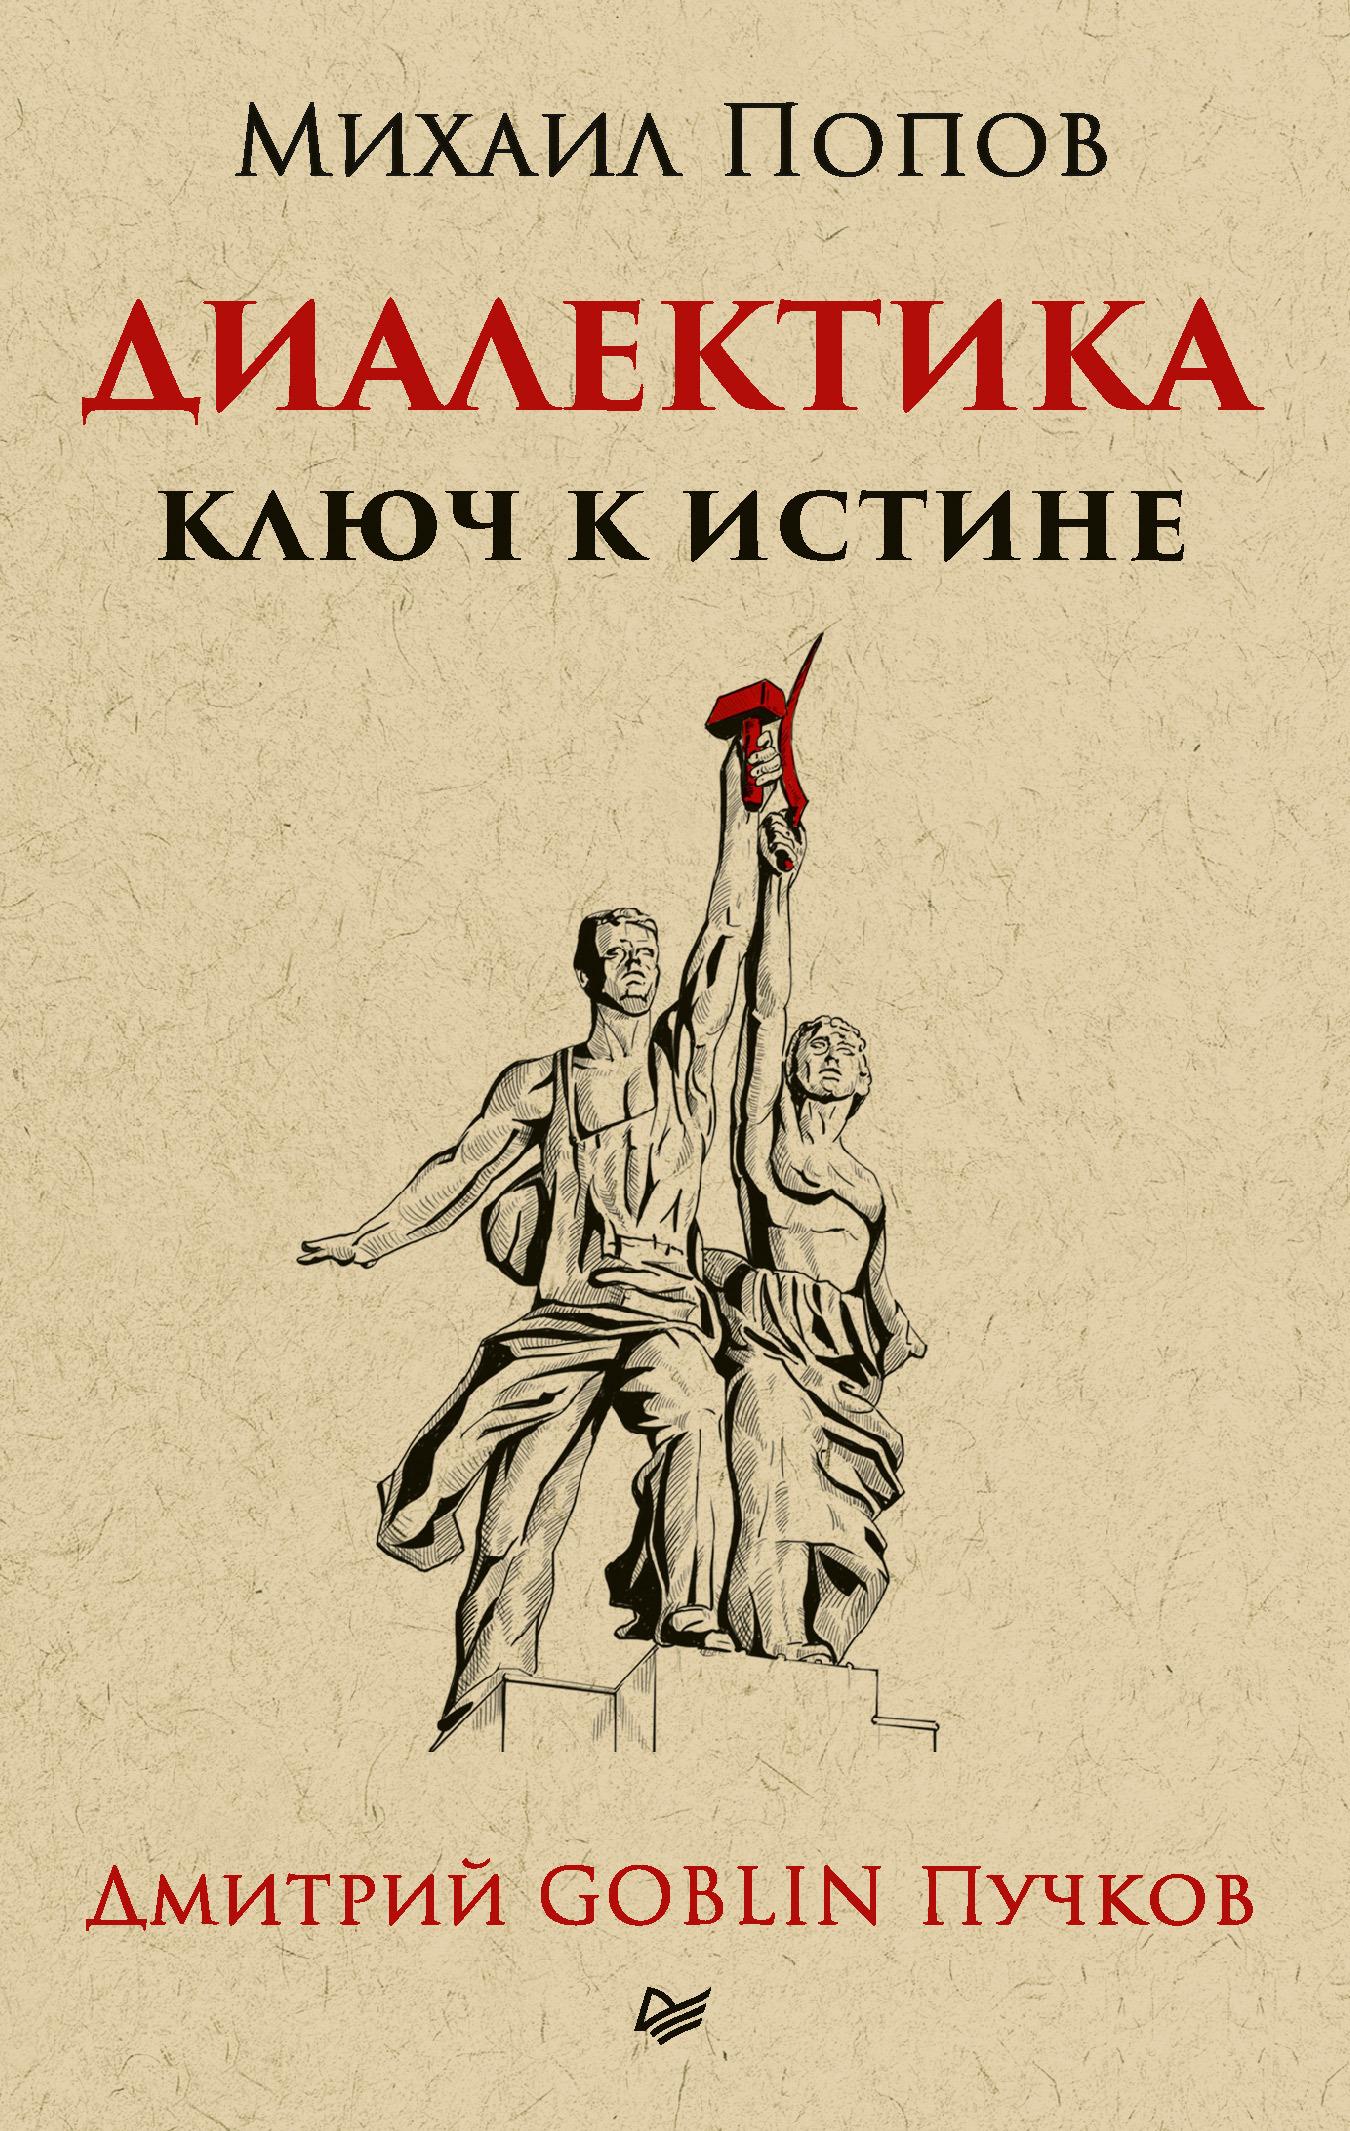 Михаил Попов - Диалектика. Ключ к истине